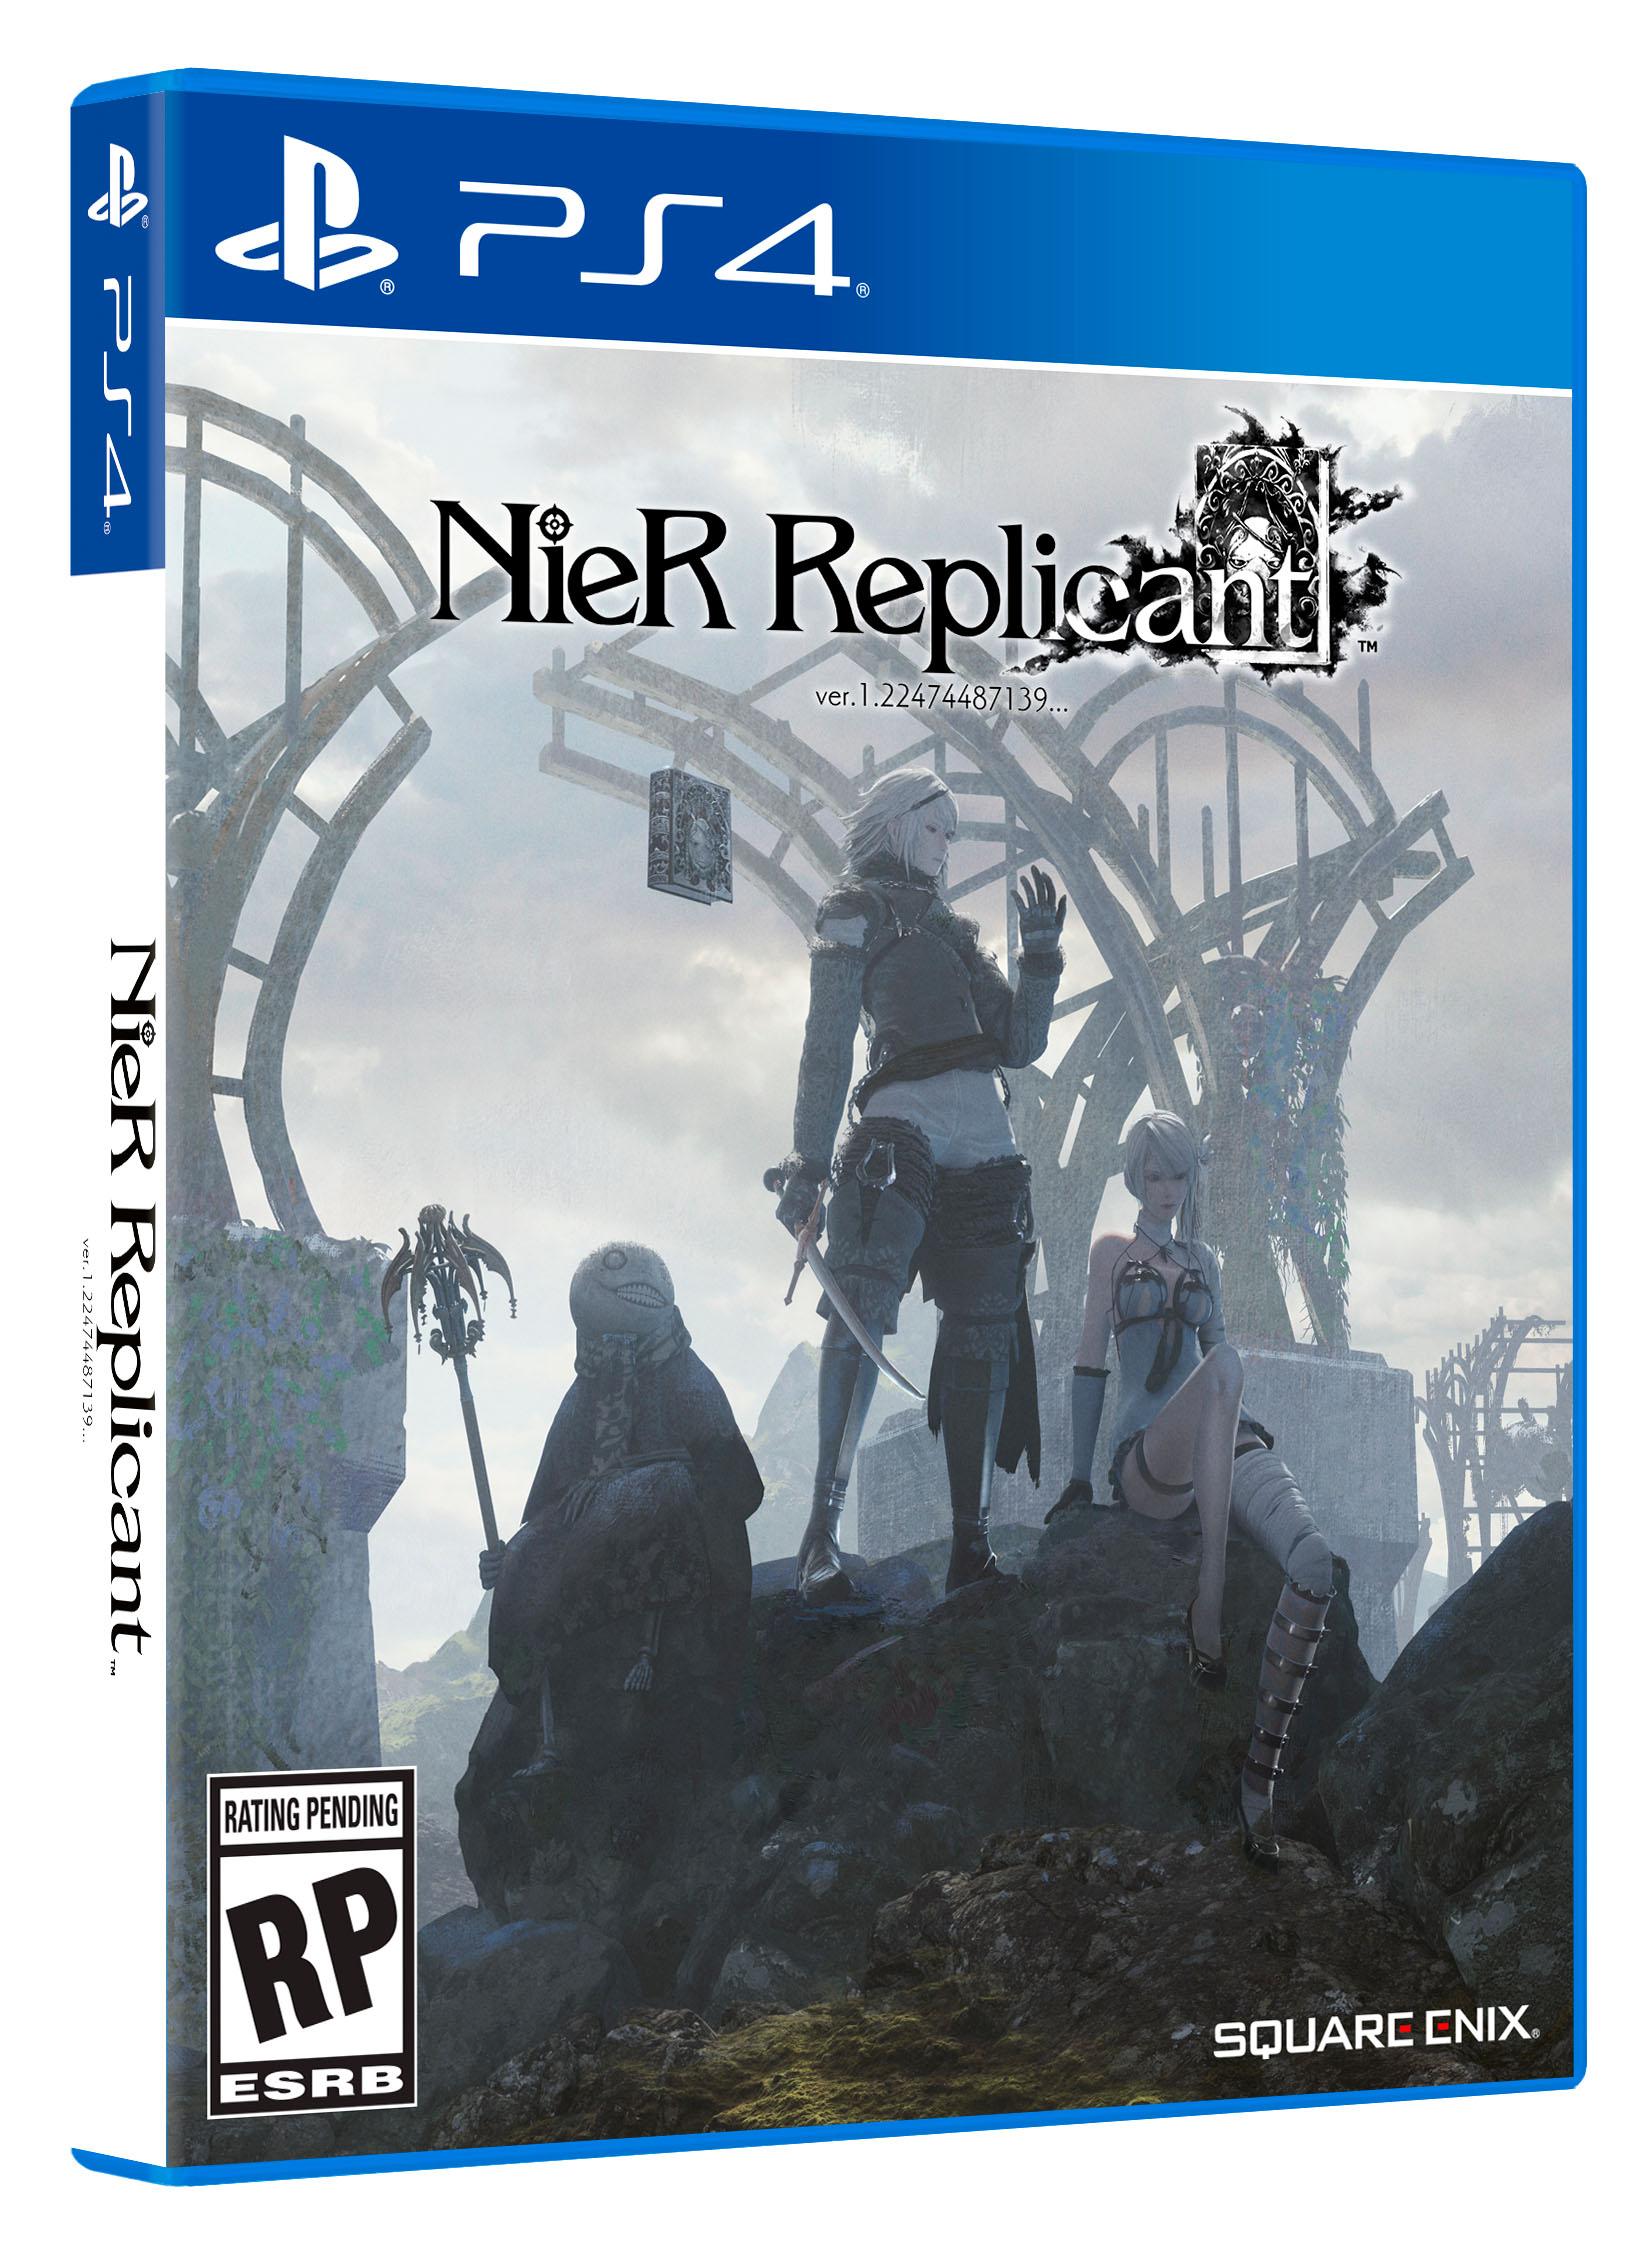 NieR Replicant ver.1.22474487139… chega em 23 de abril; novo trailer, gameplay e detalhes - PSX ...